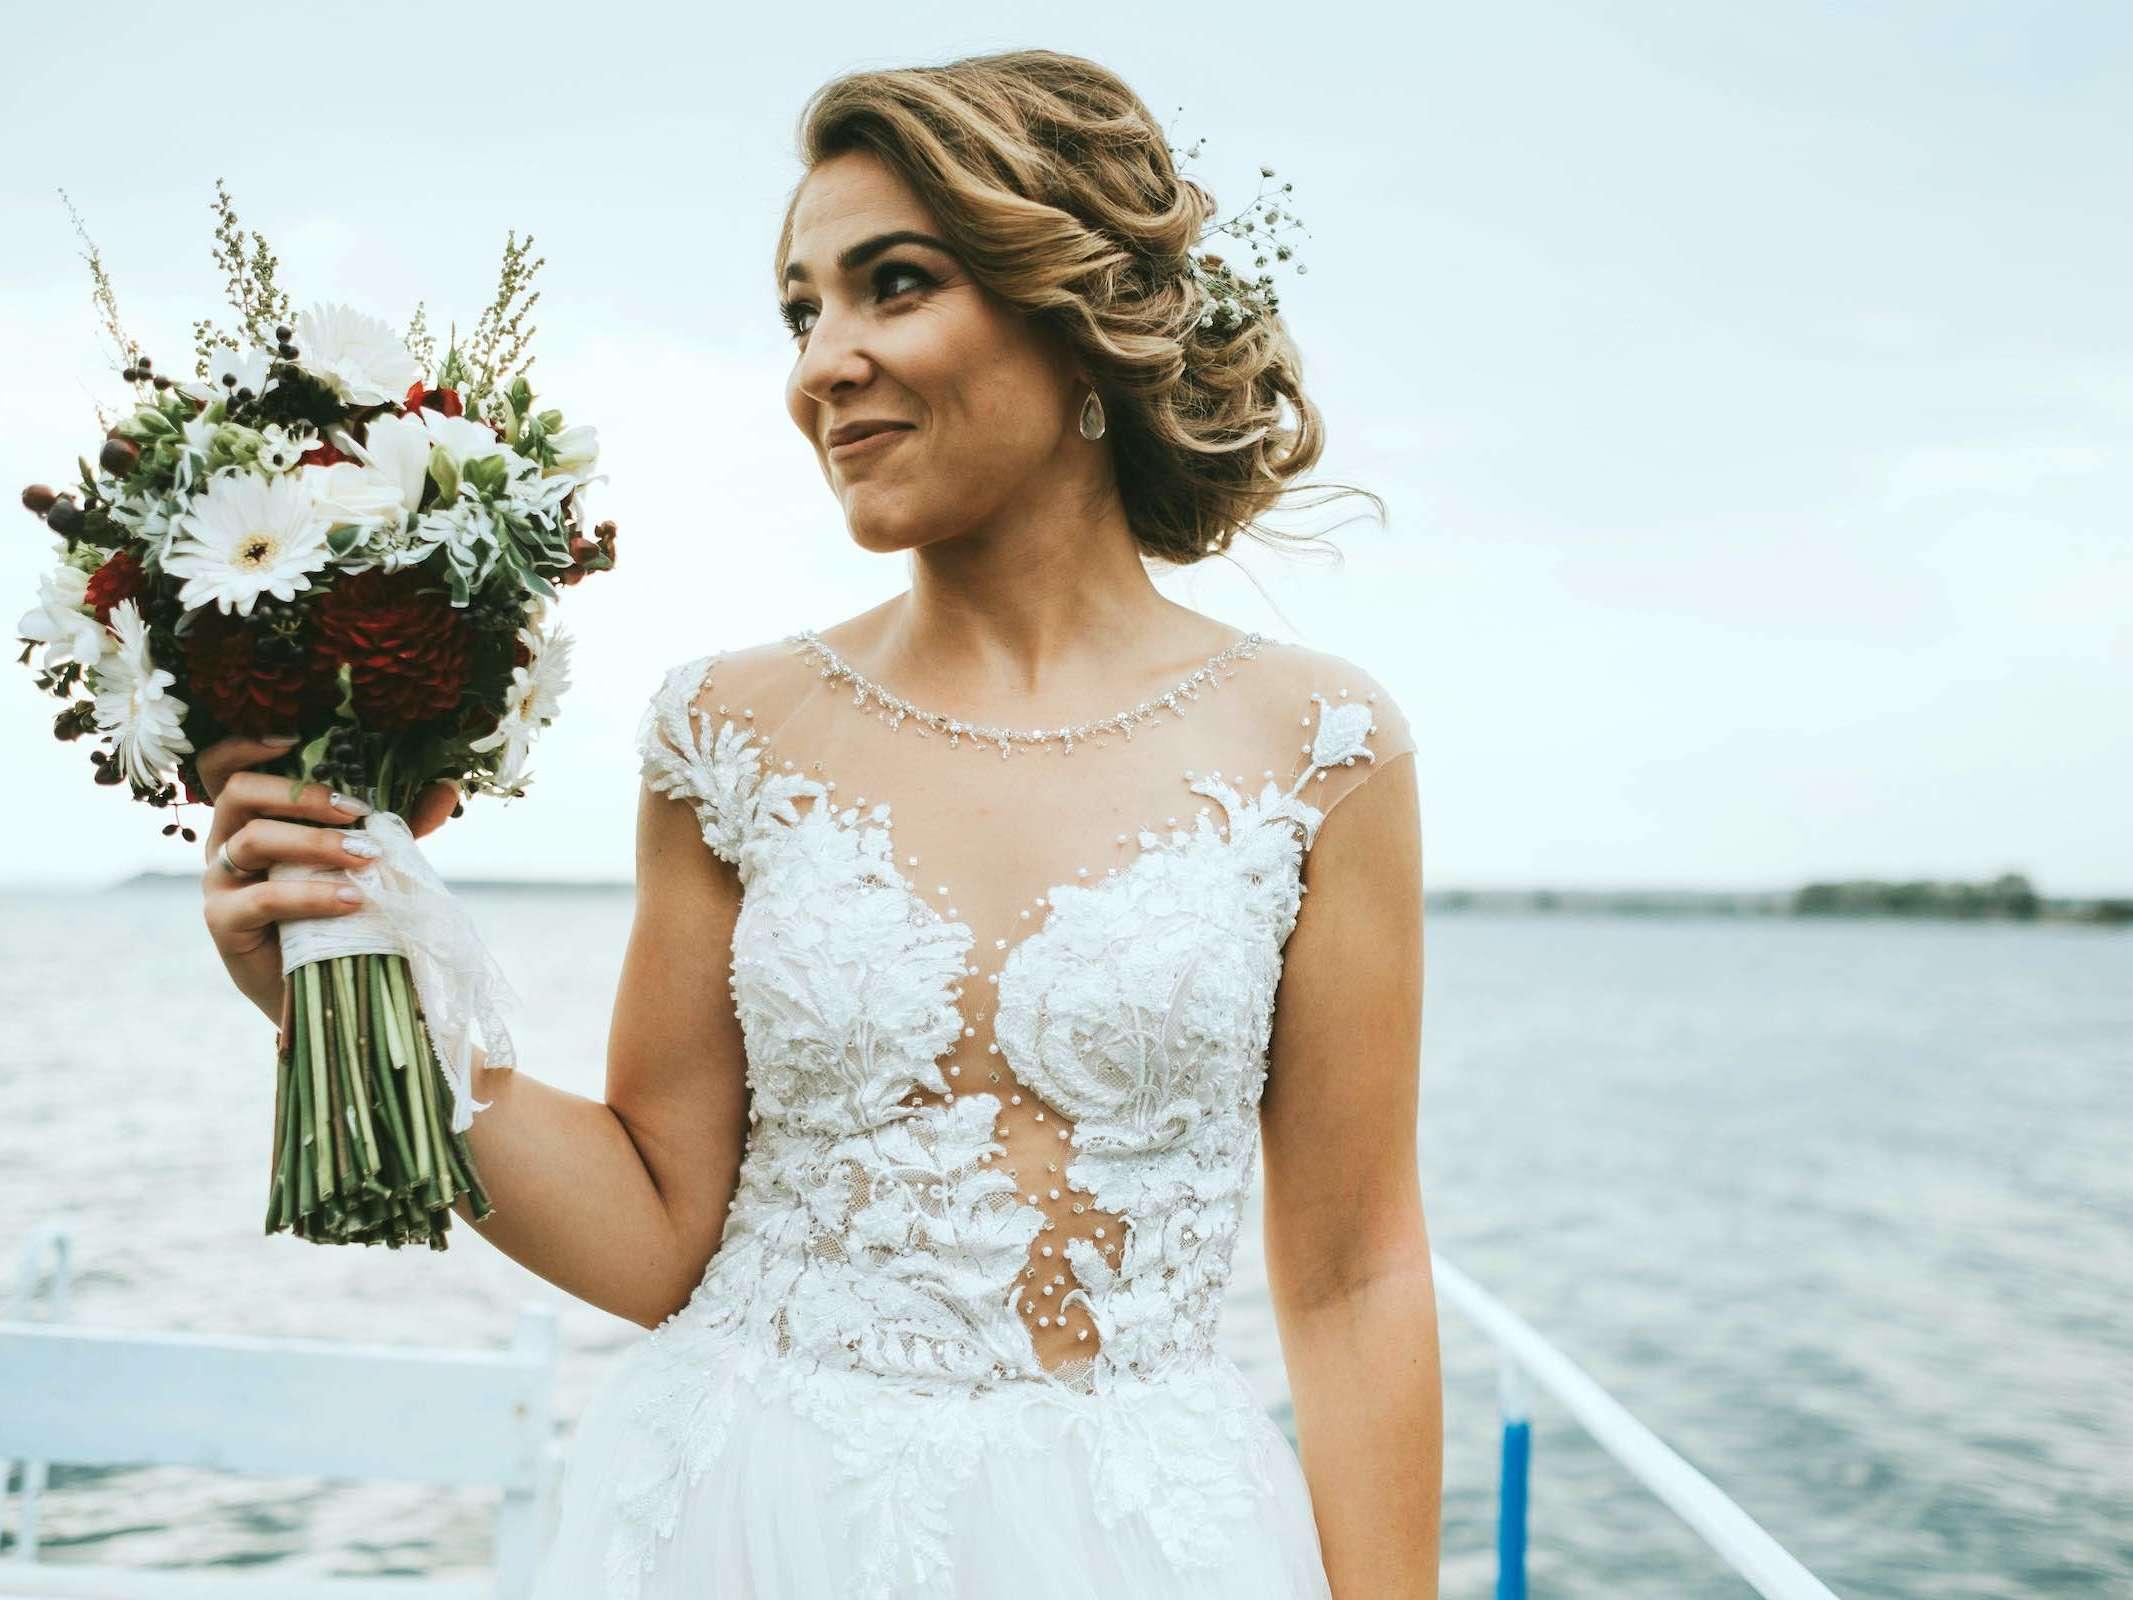 Fotograf | Hochzeit | Hannover | Hochzeits | Fotograf | Hildesheim | Hameln | Hannover | Celle | Braunschweig | Peine | Fotograf | Hochzeit | Hochzeitsfotografie | Fotografie | Mieten | Buchen | Lehmann | Eventservice